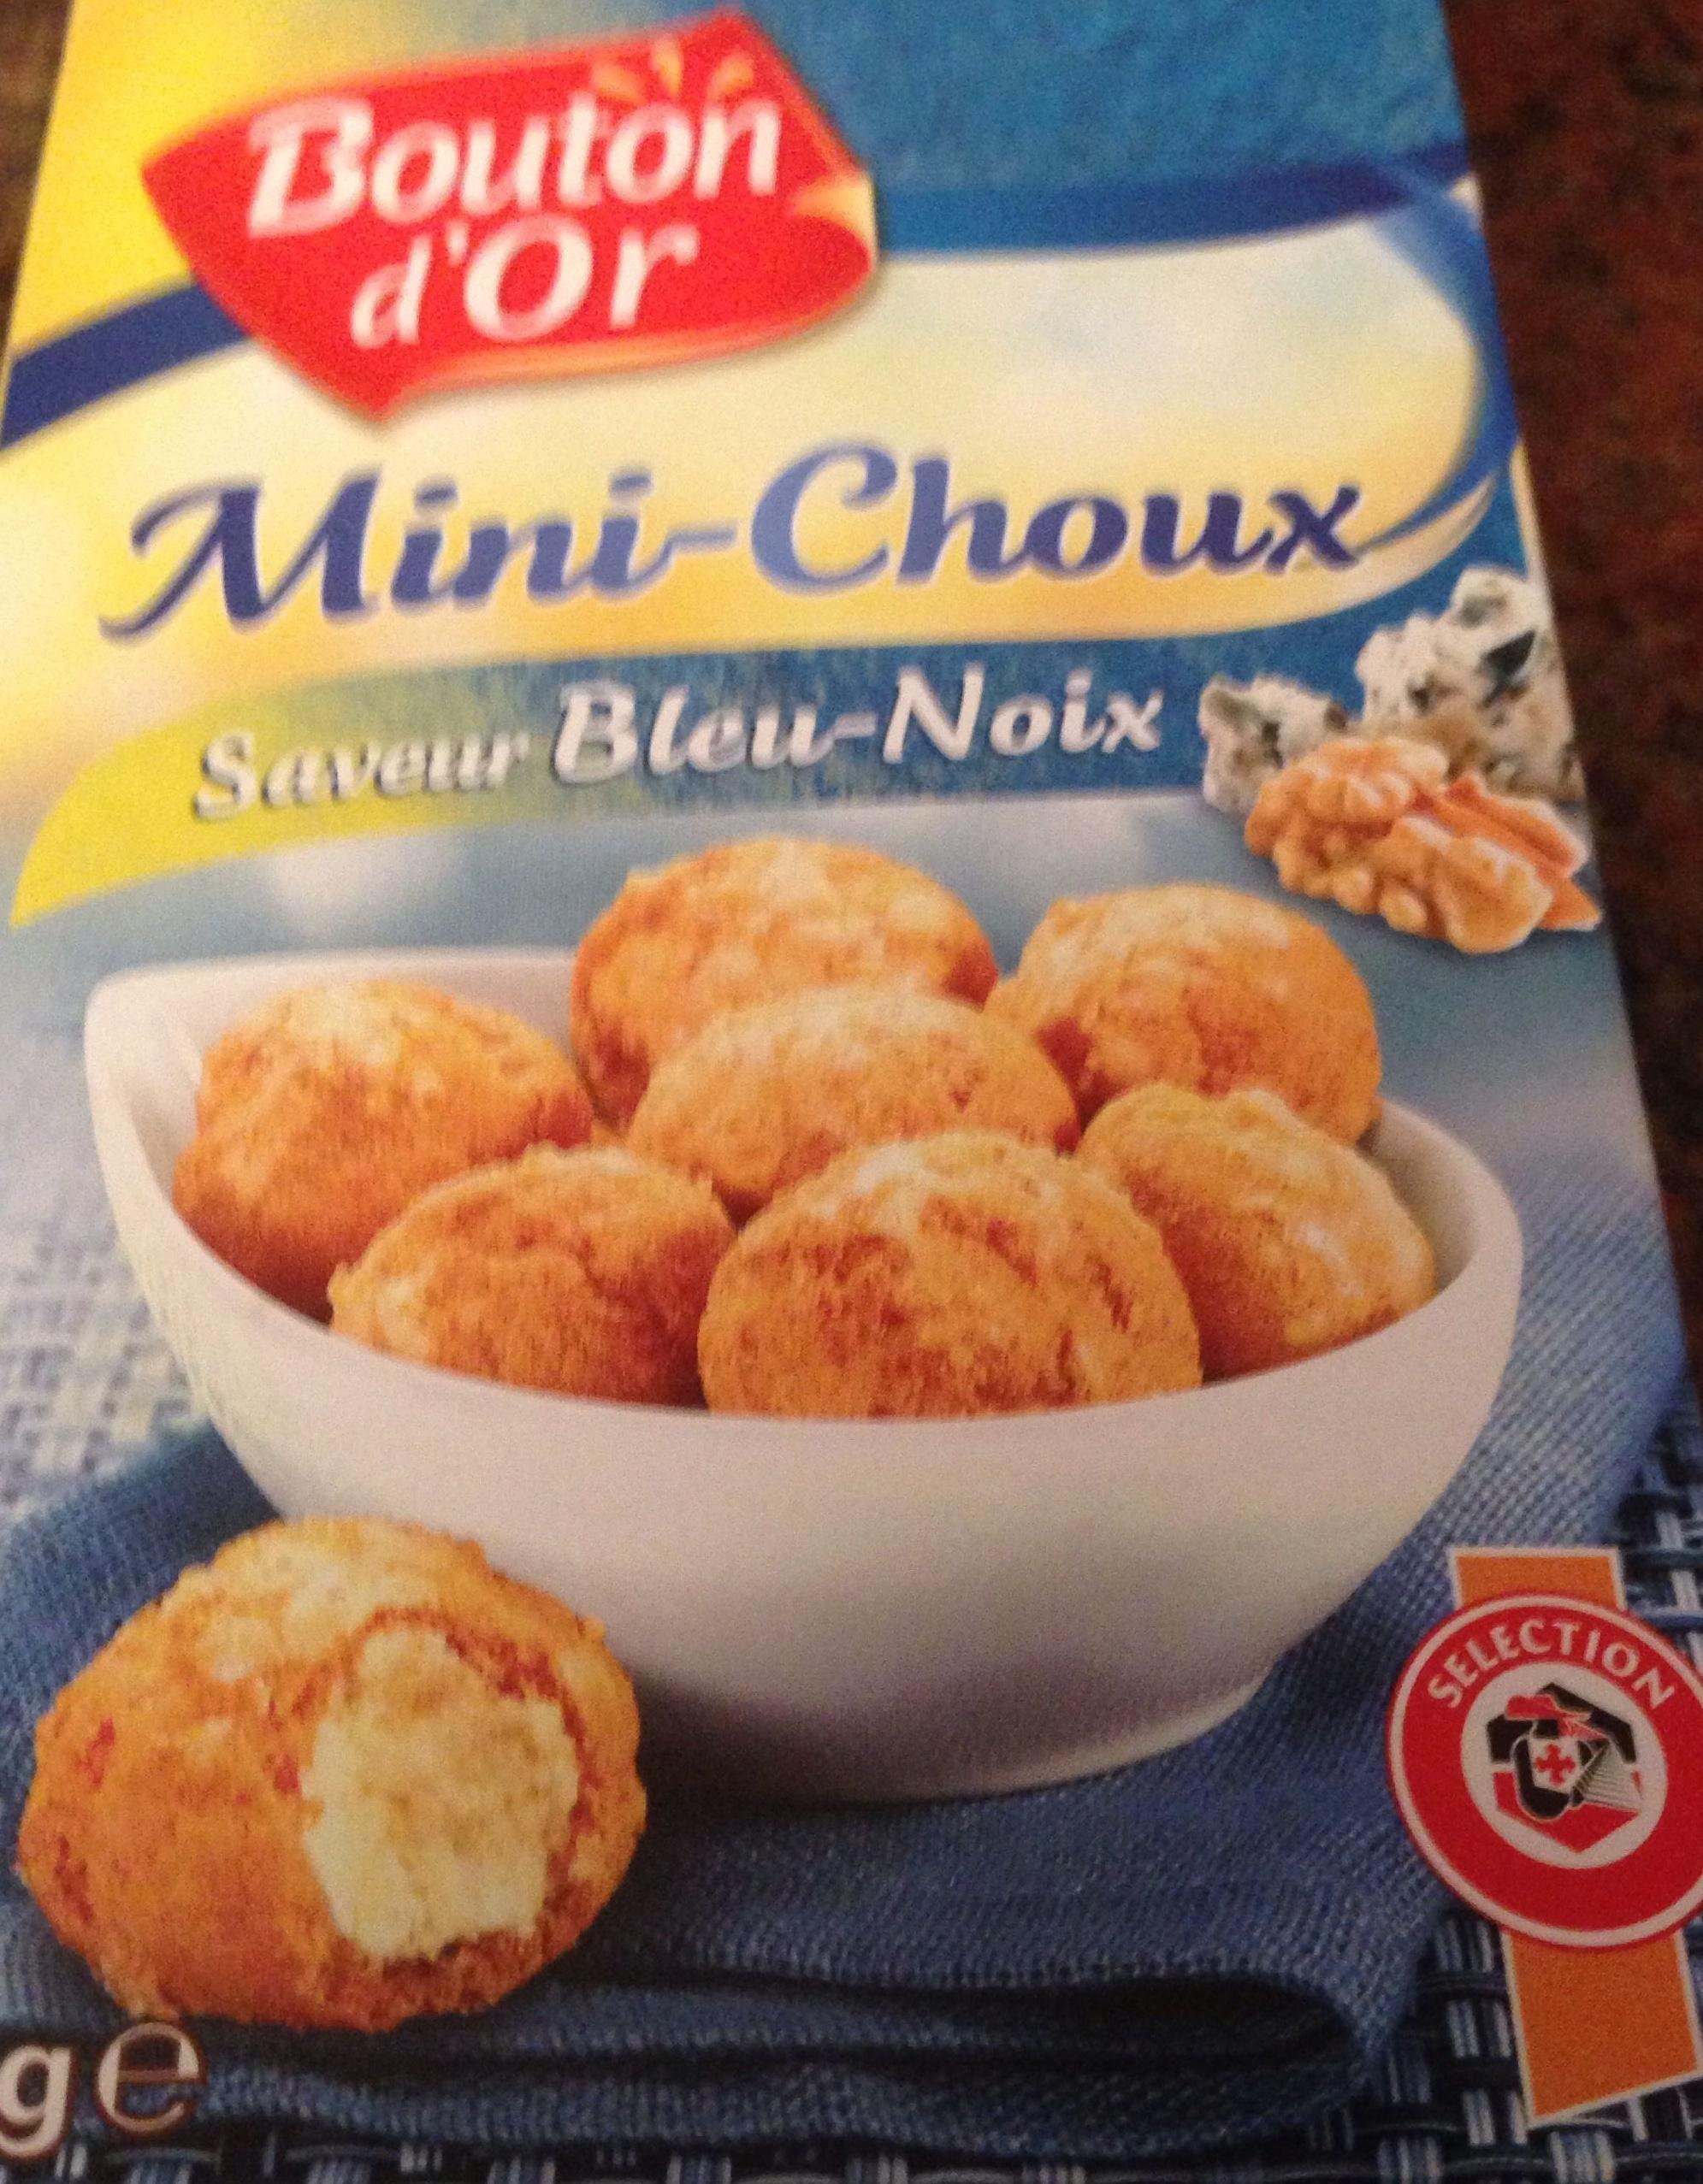 Mini-Choux Saveur Bleu-Noix - Product